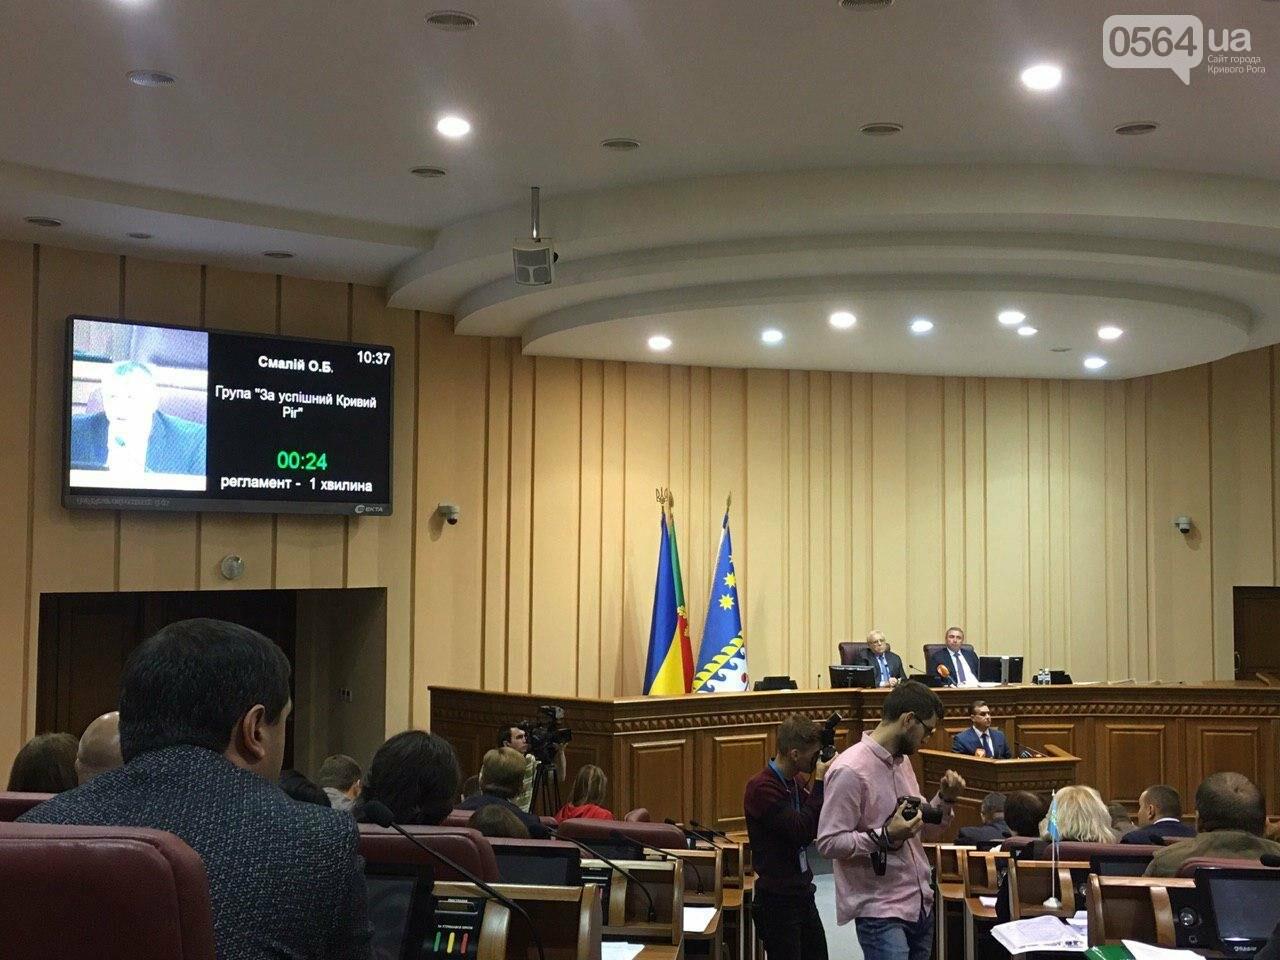 Криворожский городской совет не доверил экс-нардепу Павлову должность заместителя мэра, - ФОТО, фото-7